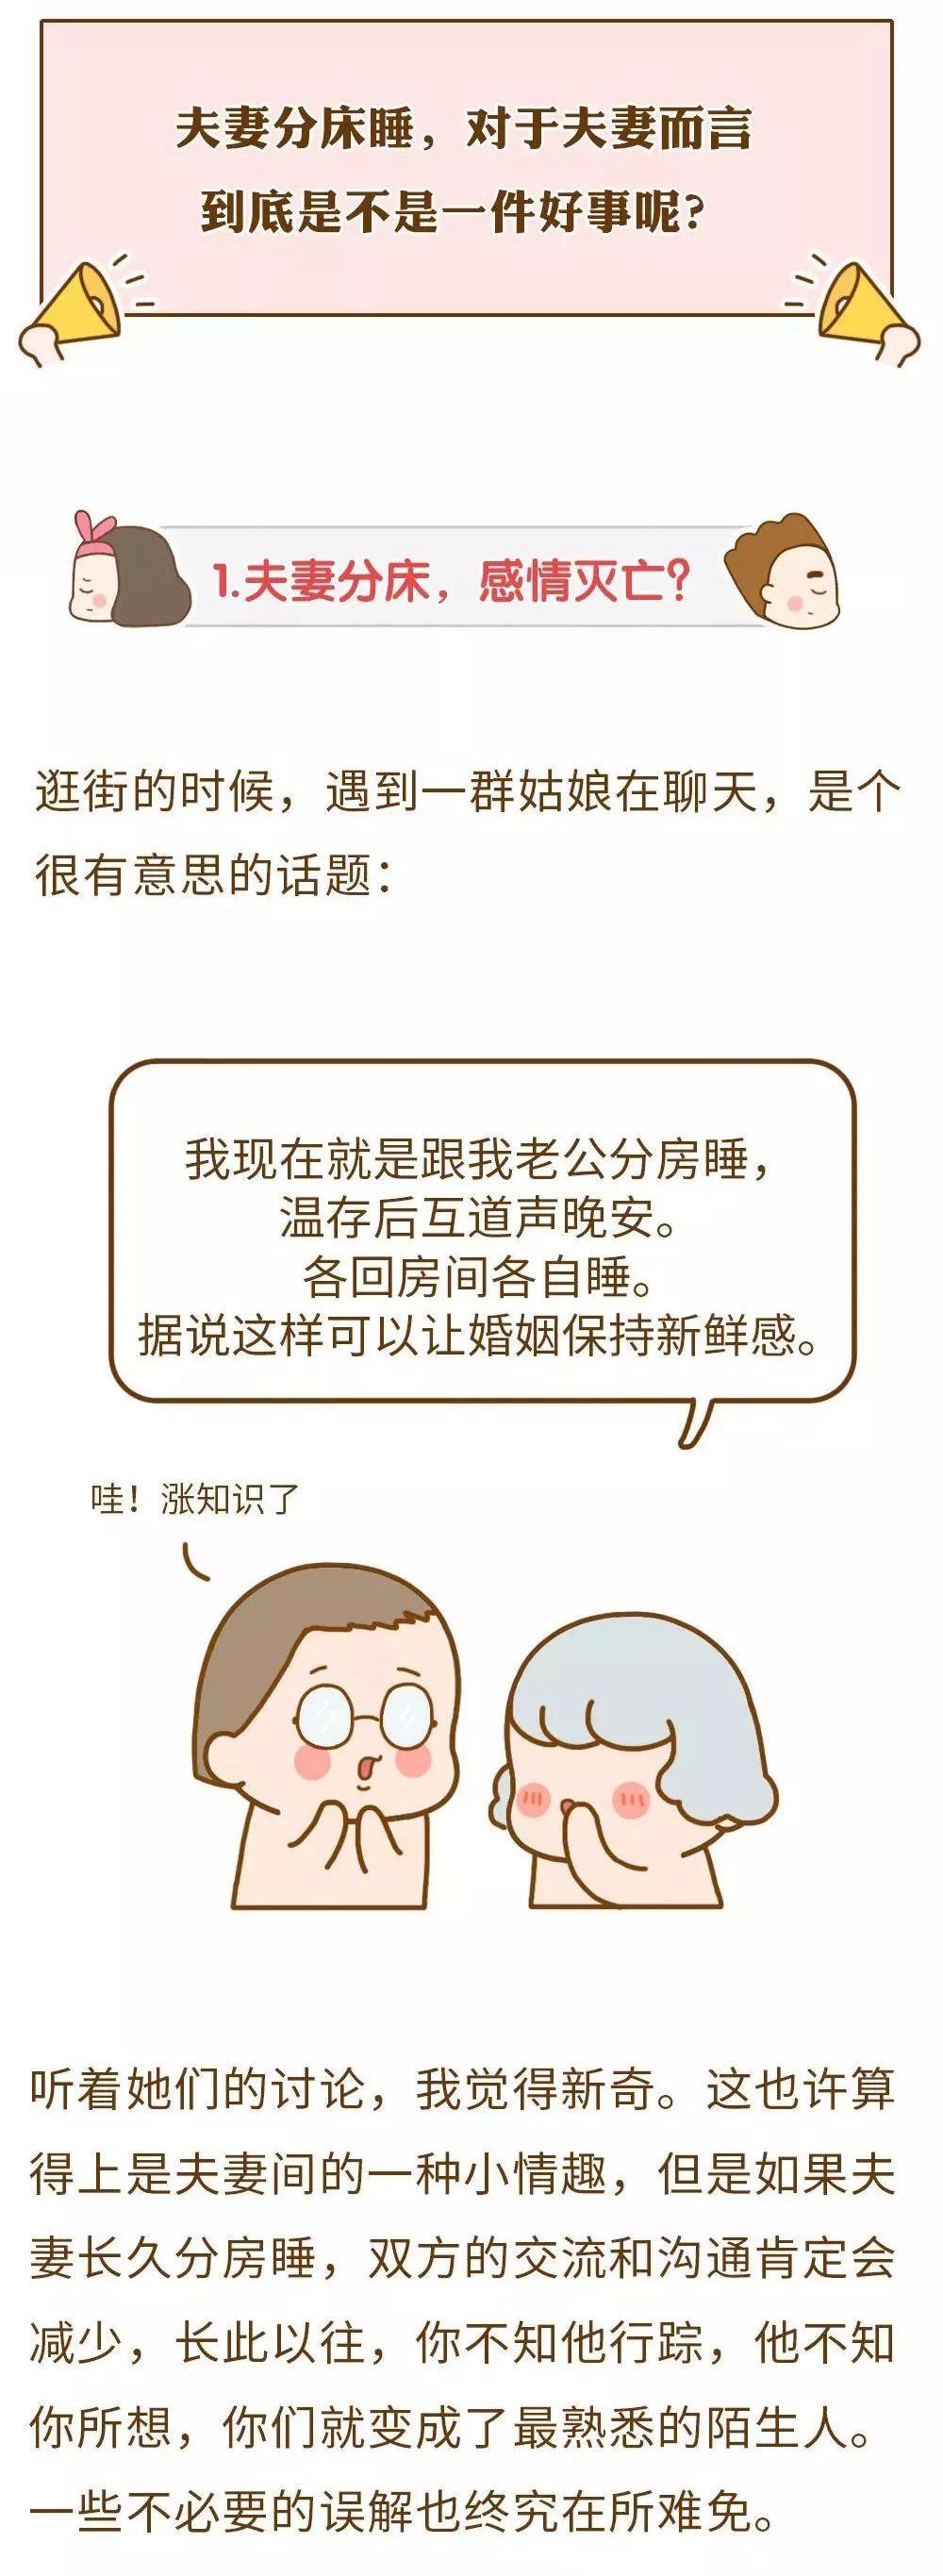 美高梅手机版官方网站 3